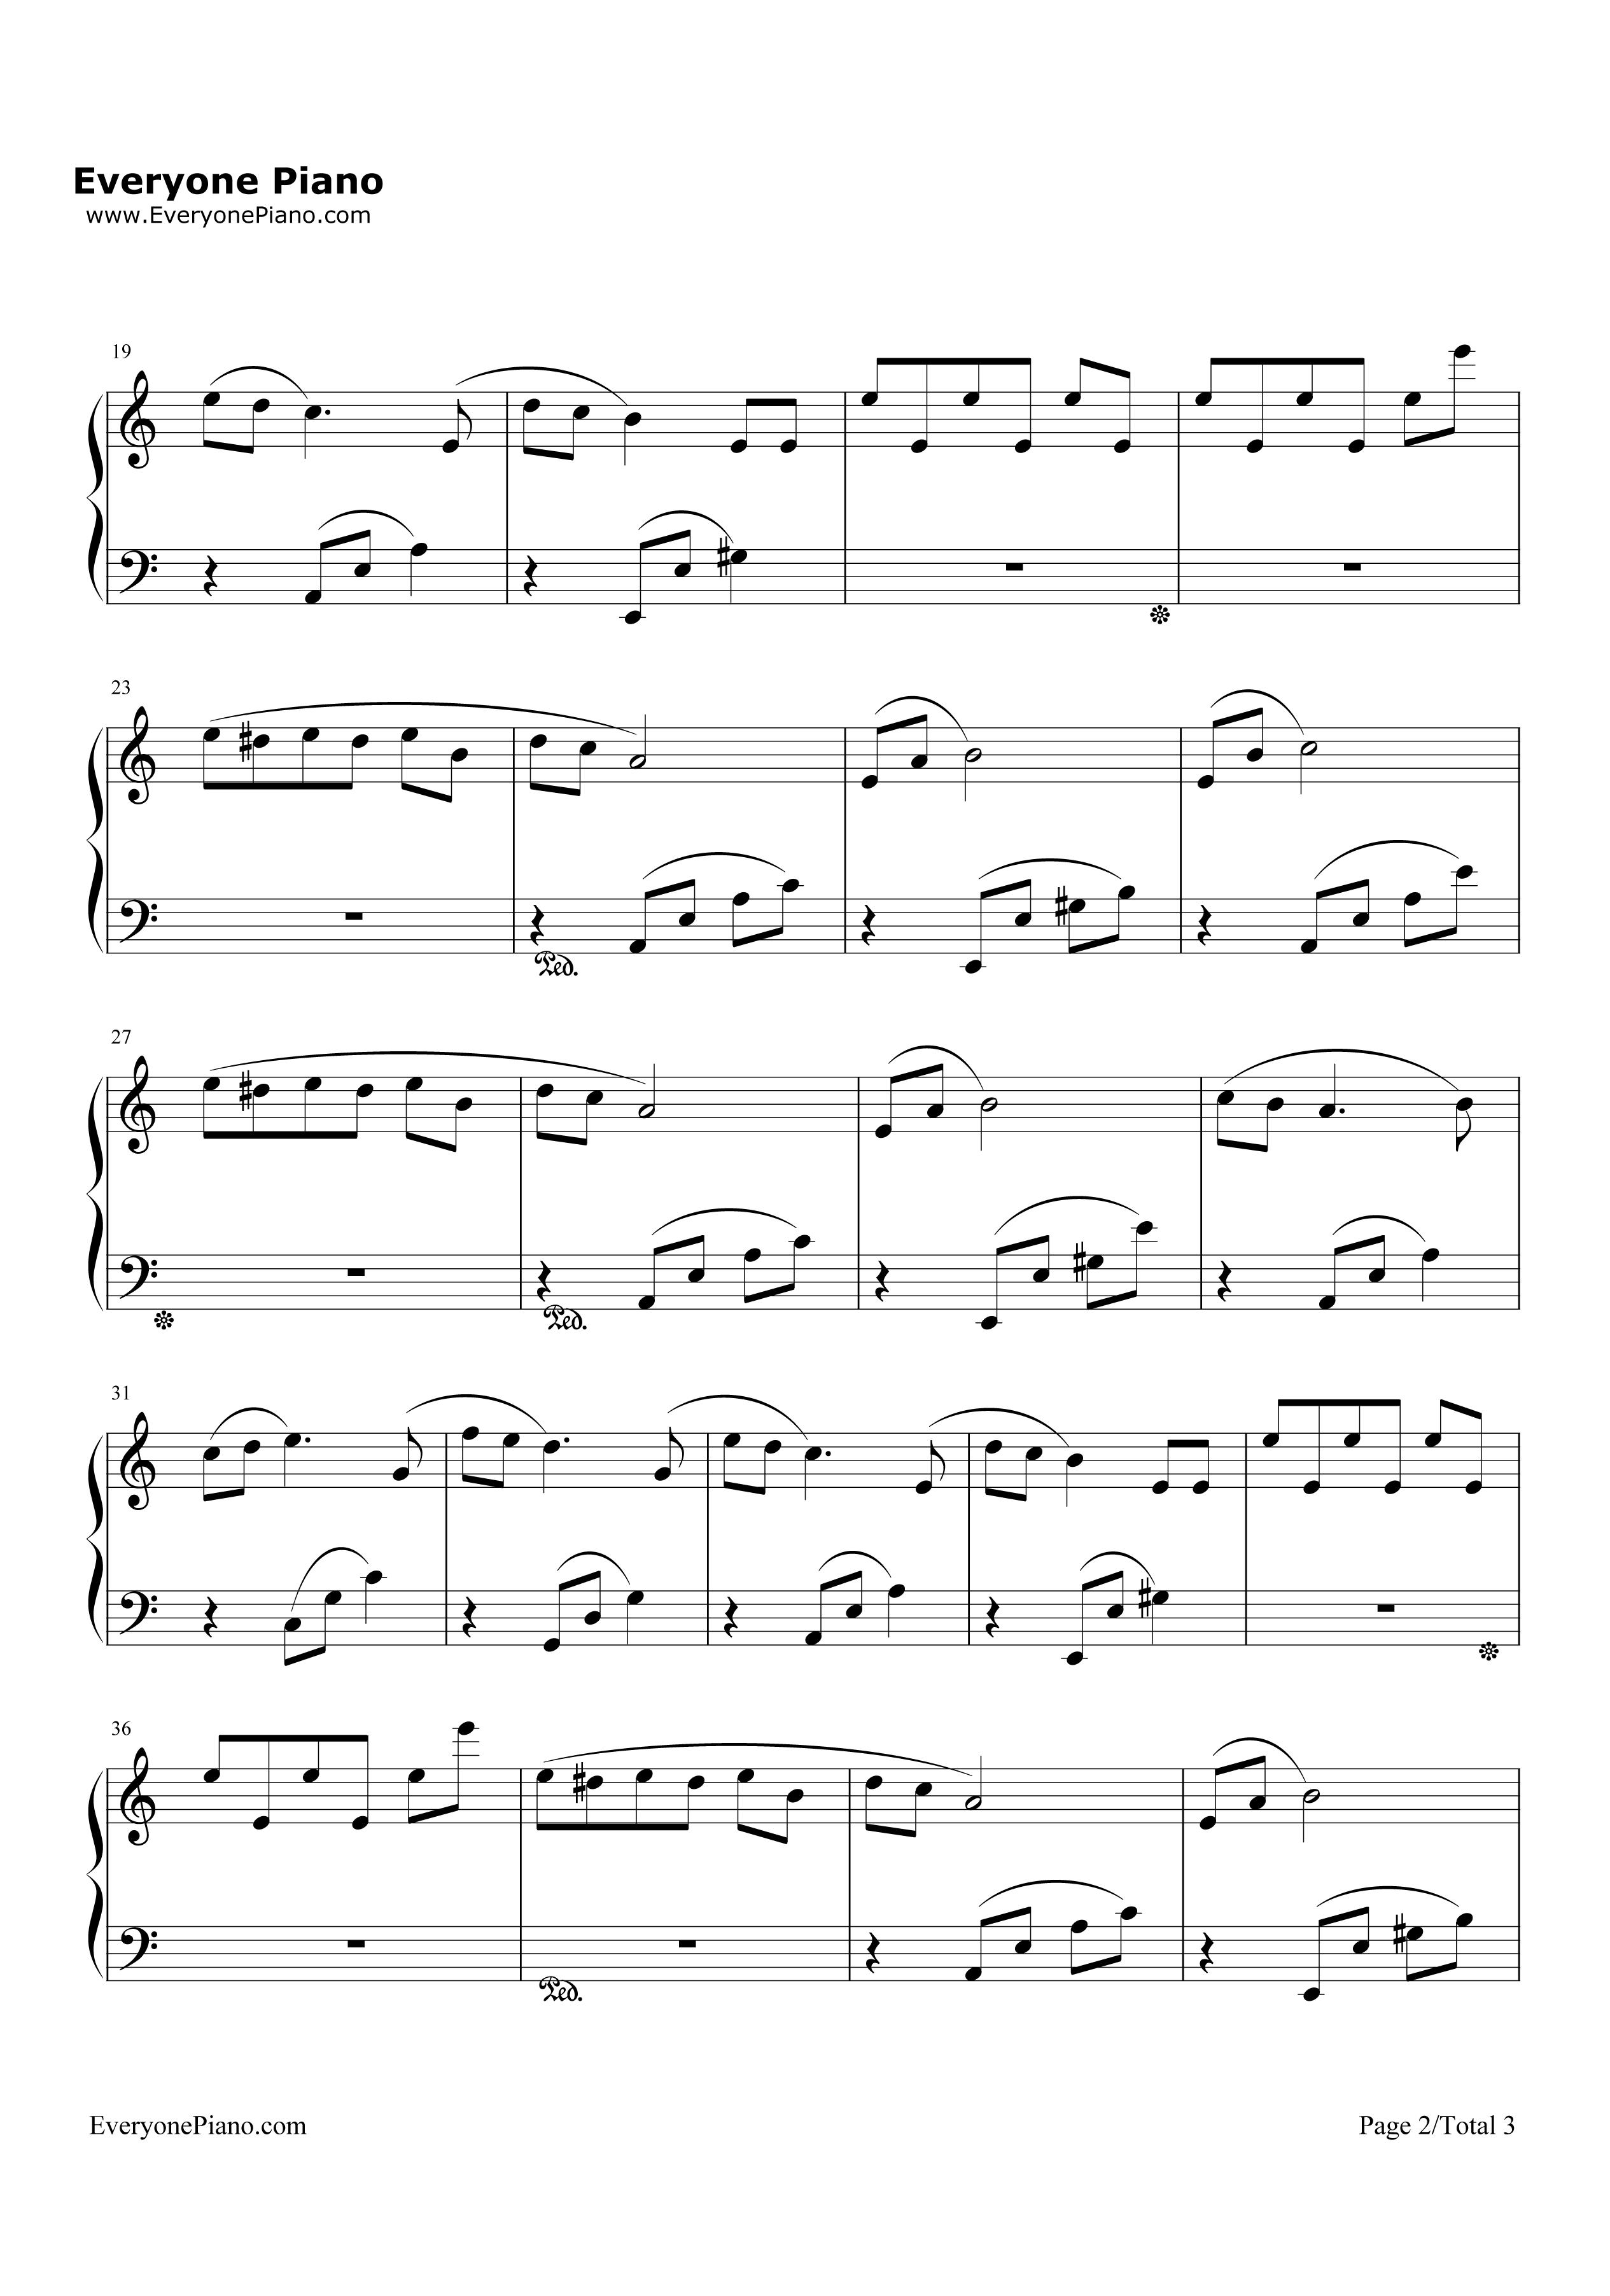 钢琴曲谱 轻音乐 献给爱丽丝-for elise-eop魔鬼训练营练习曲 献给